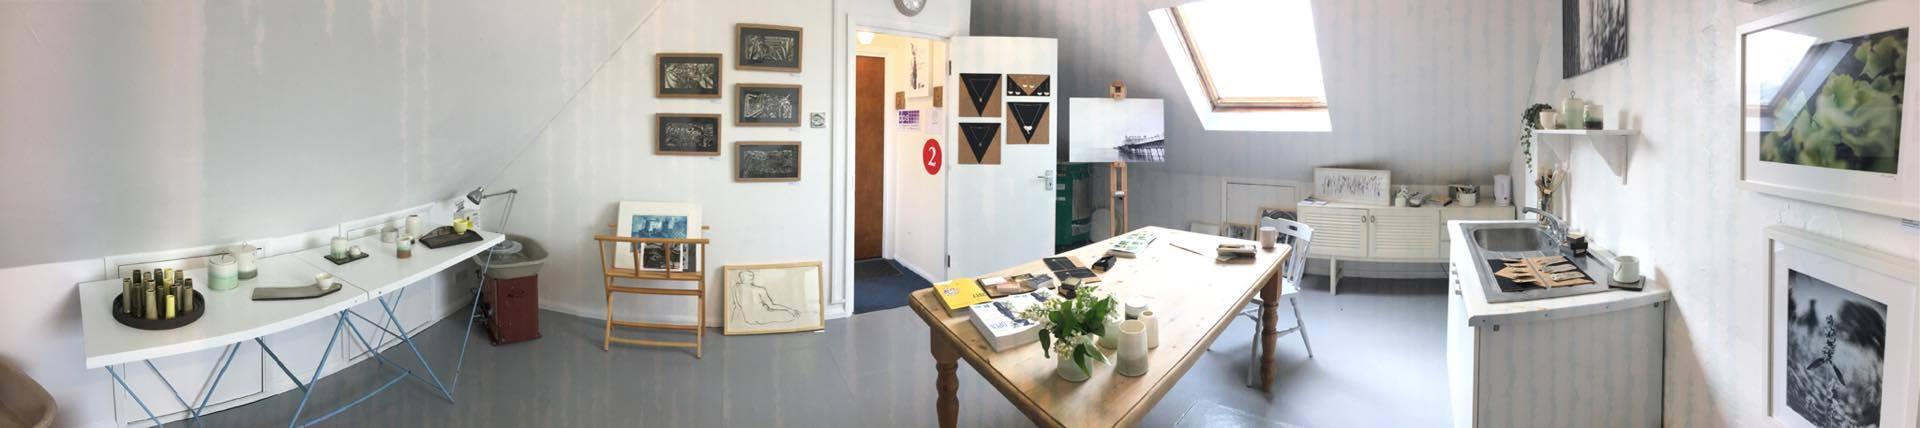 Panorama of my studio